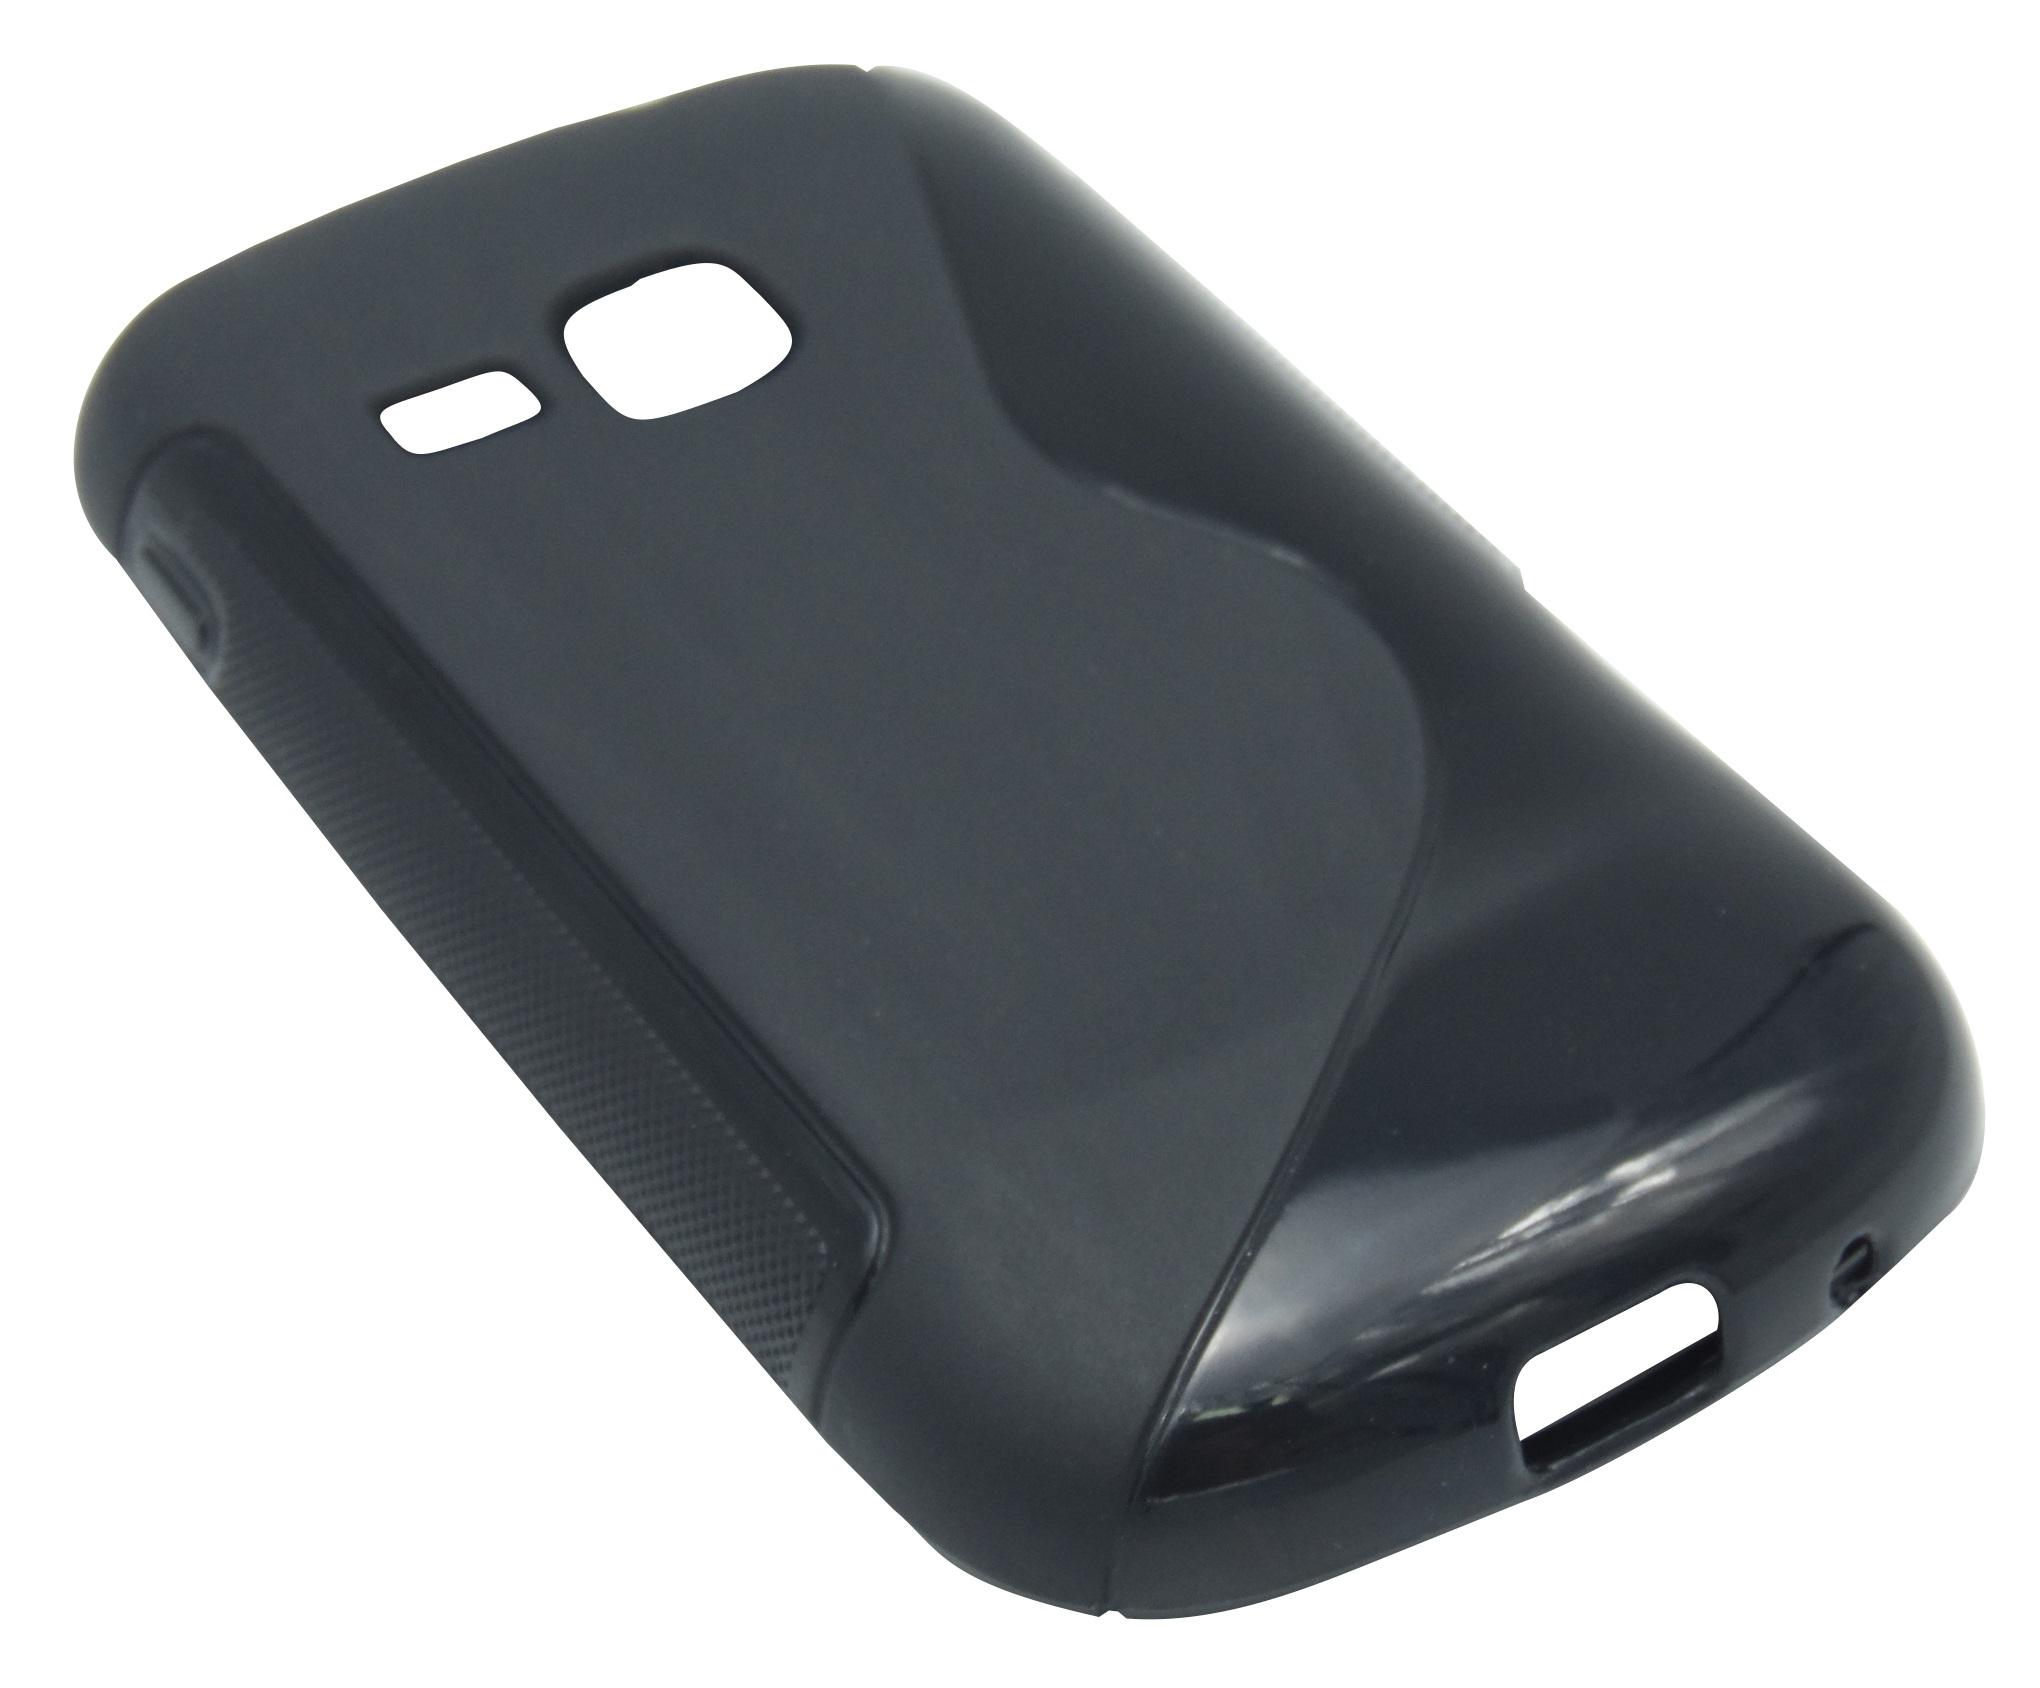 Husa silicon S-case neagra pentru Samsung Galaxy Mini 2 S6500